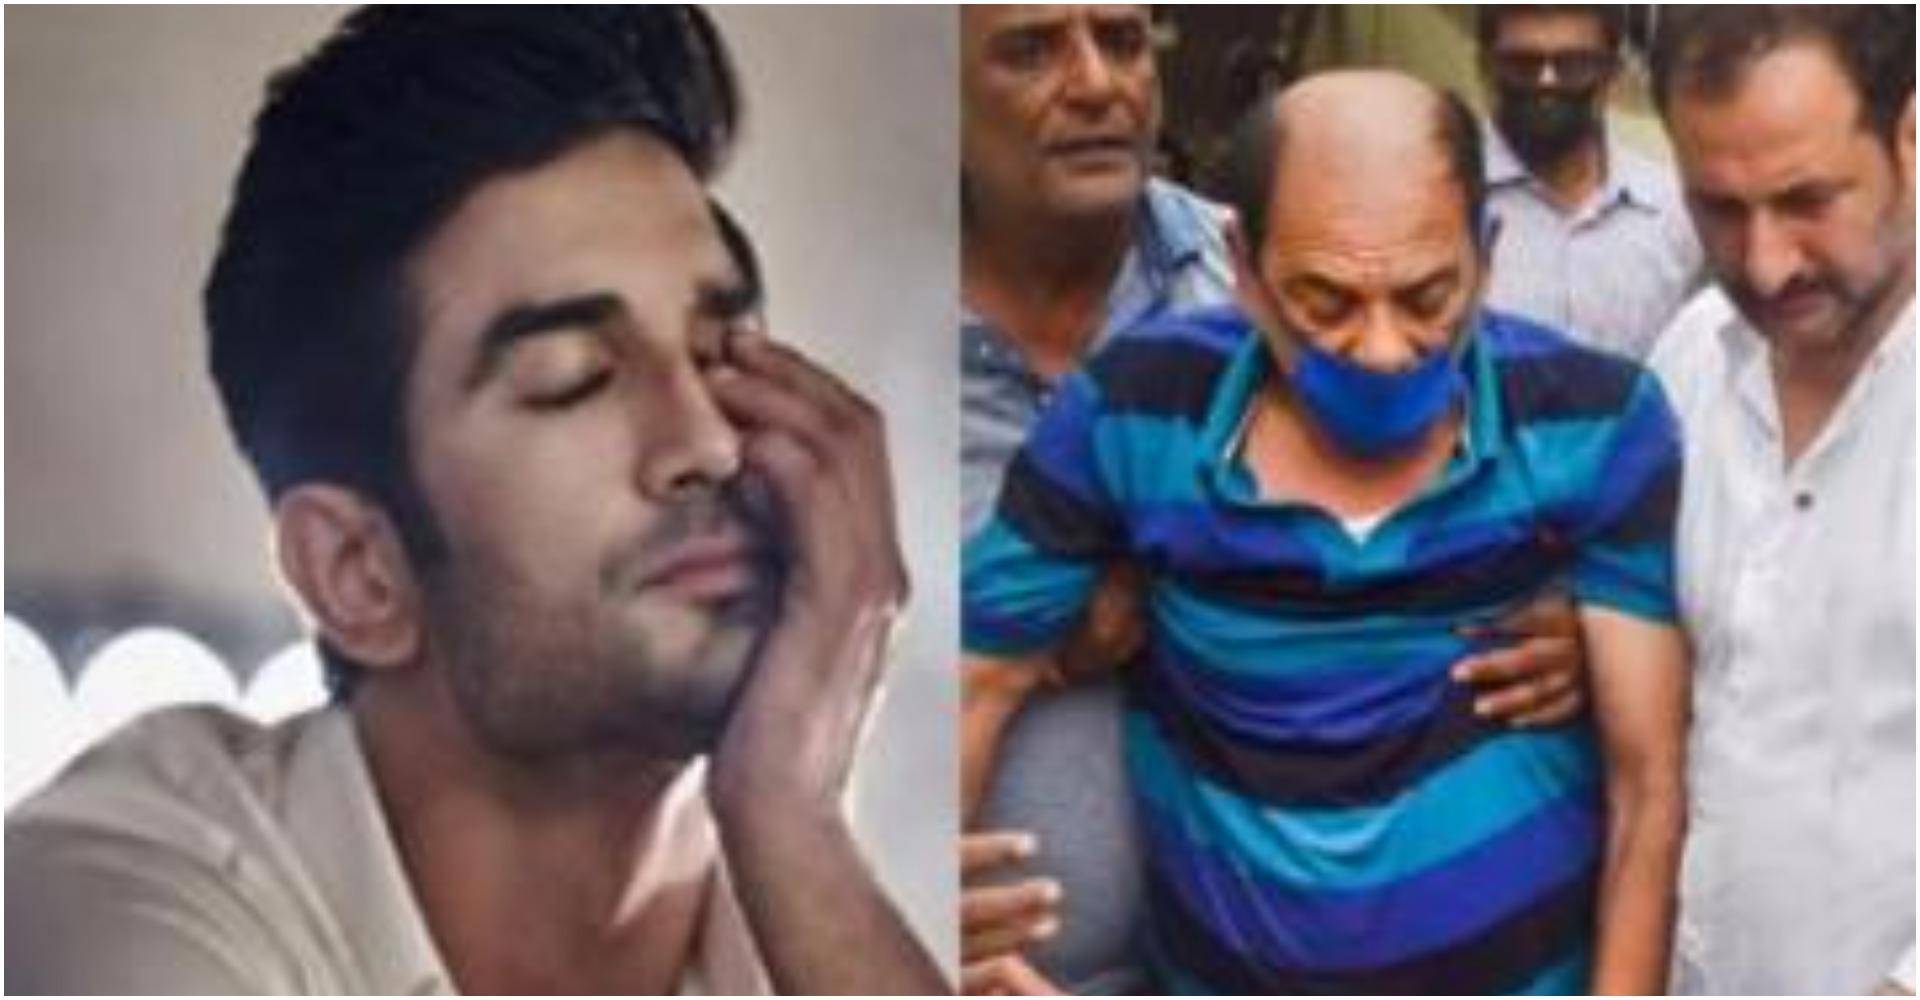 मुंबई पुलिस ने दर्ज की सुशांत सिंह राजपूत के पिताजी का बयान, उन्होंने कहा- 'डिप्रेशन की बात वो…'